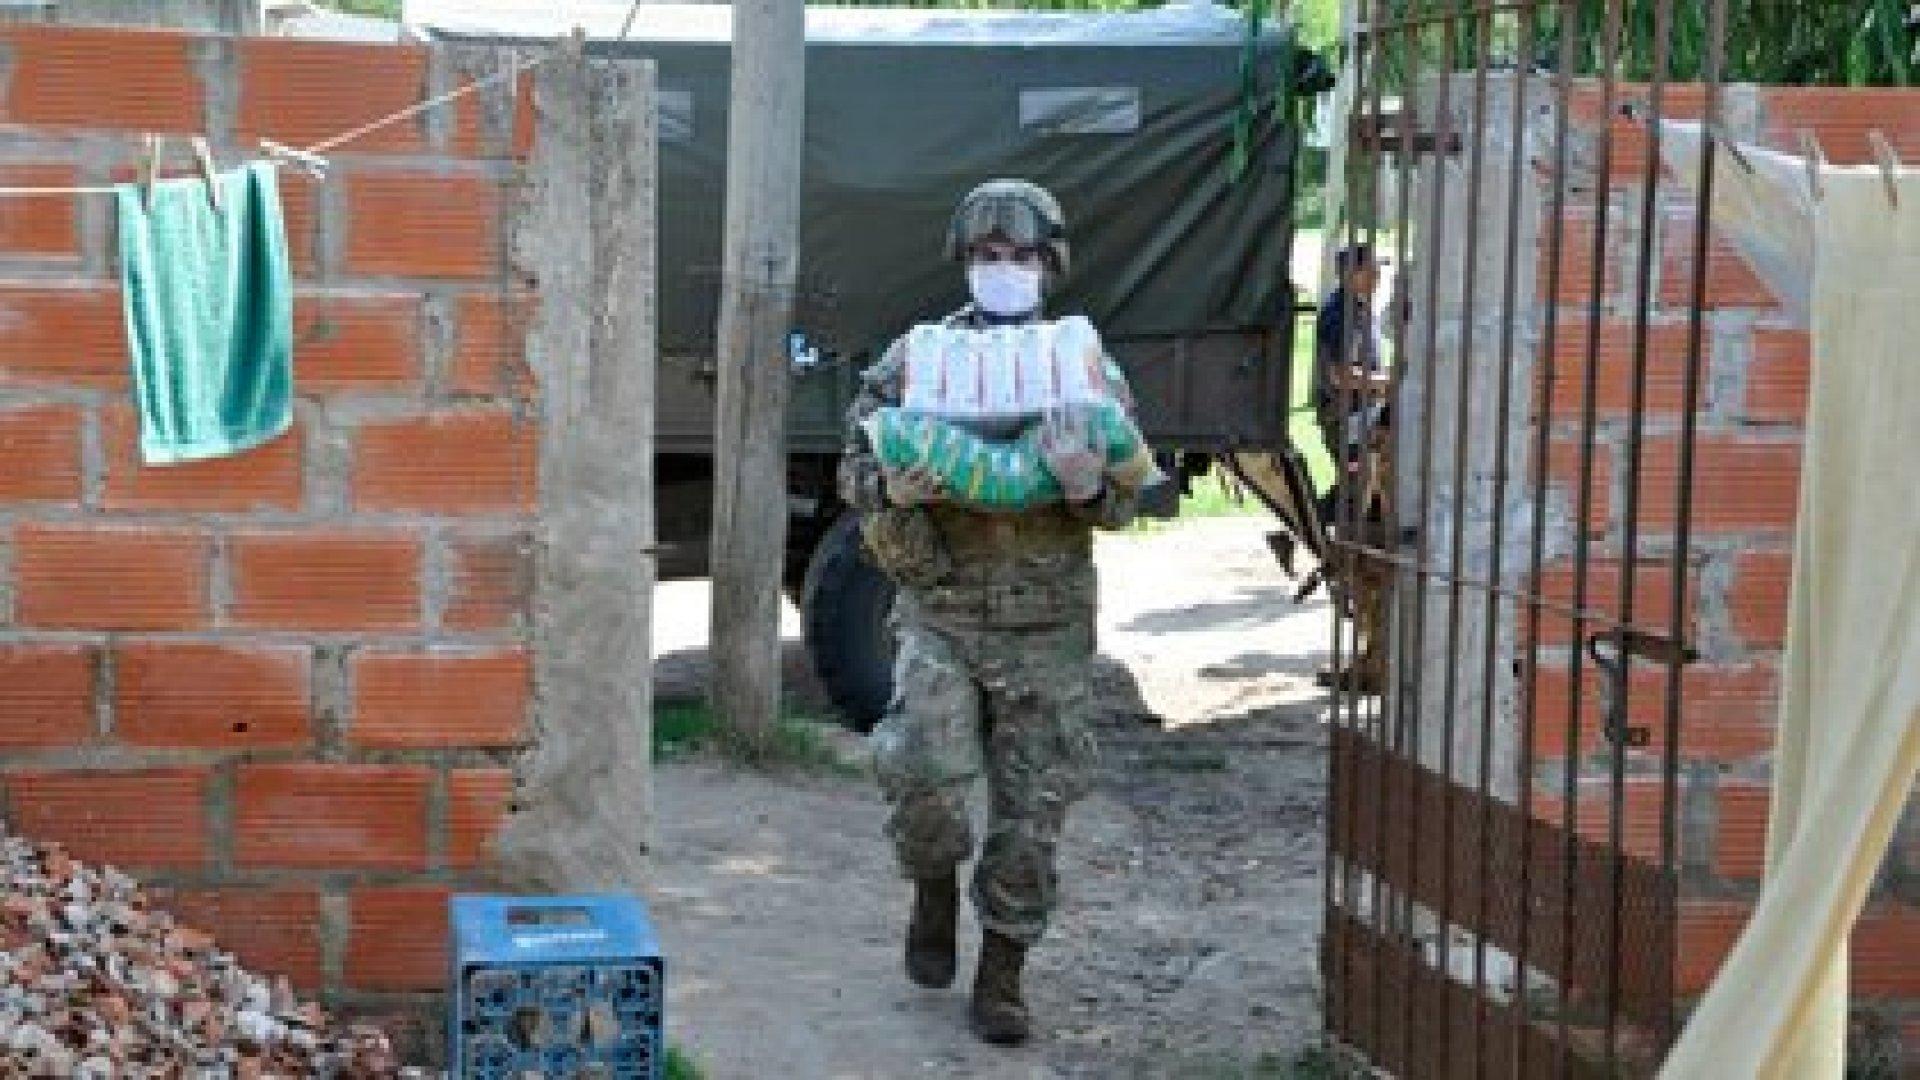 Las Fuerzas Armadas distribuyen alimentos a los sectores más carenciados del Conurbano Bonaerense (EMCO, Estado Mayor Conjunto)